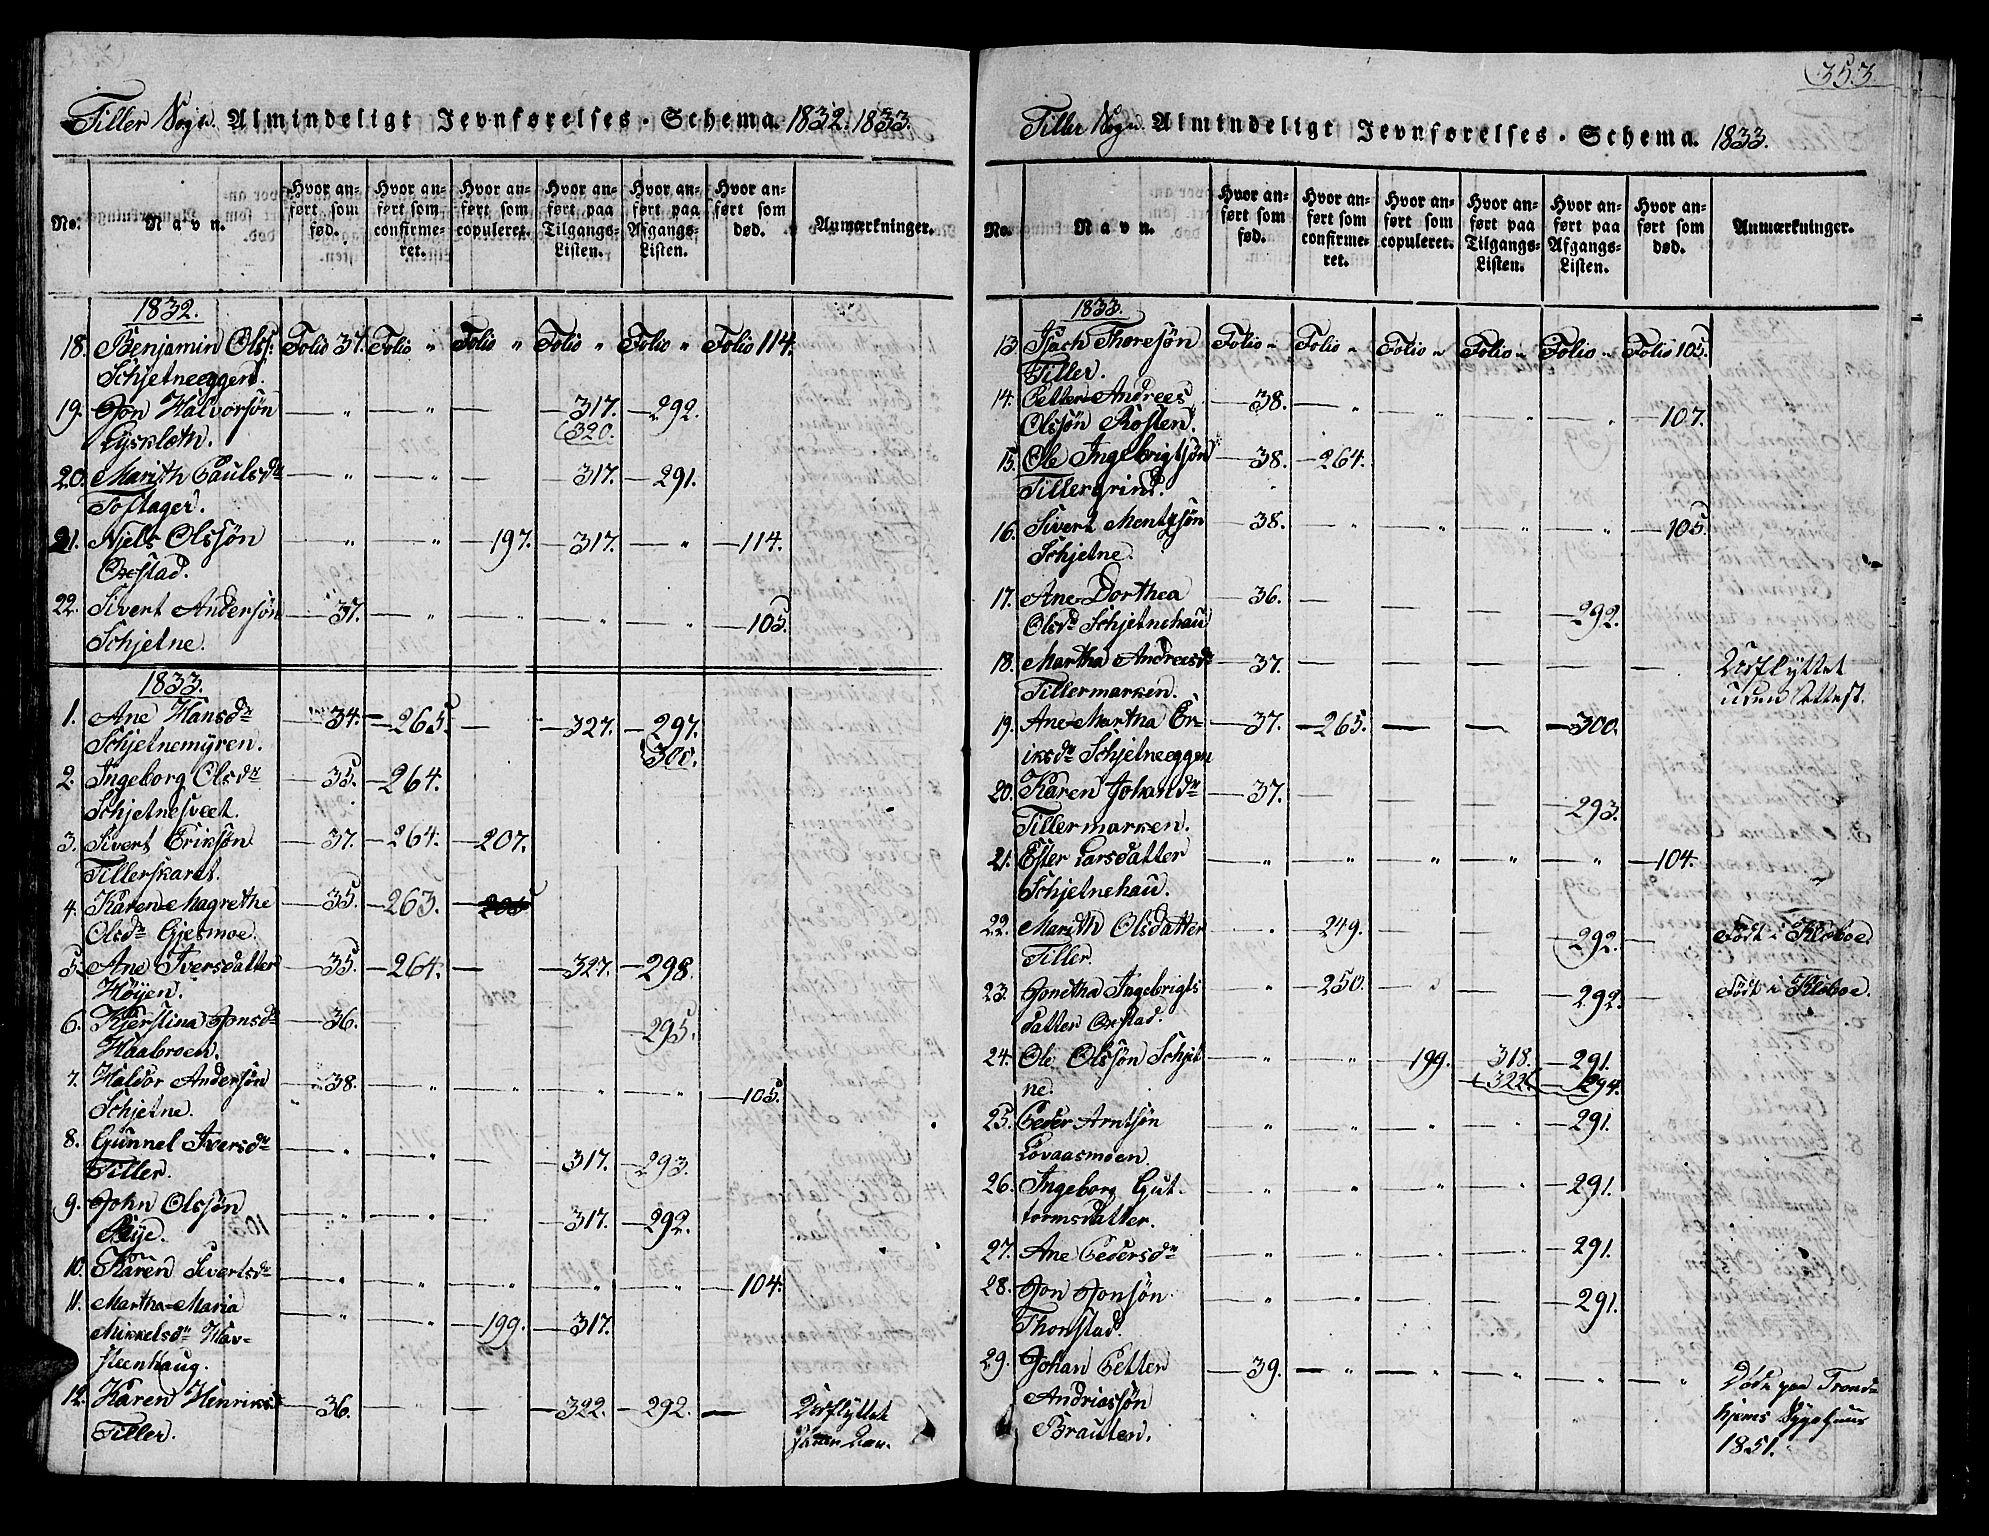 SAT, Ministerialprotokoller, klokkerbøker og fødselsregistre - Sør-Trøndelag, 621/L0458: Klokkerbok nr. 621C01, 1816-1865, s. 353